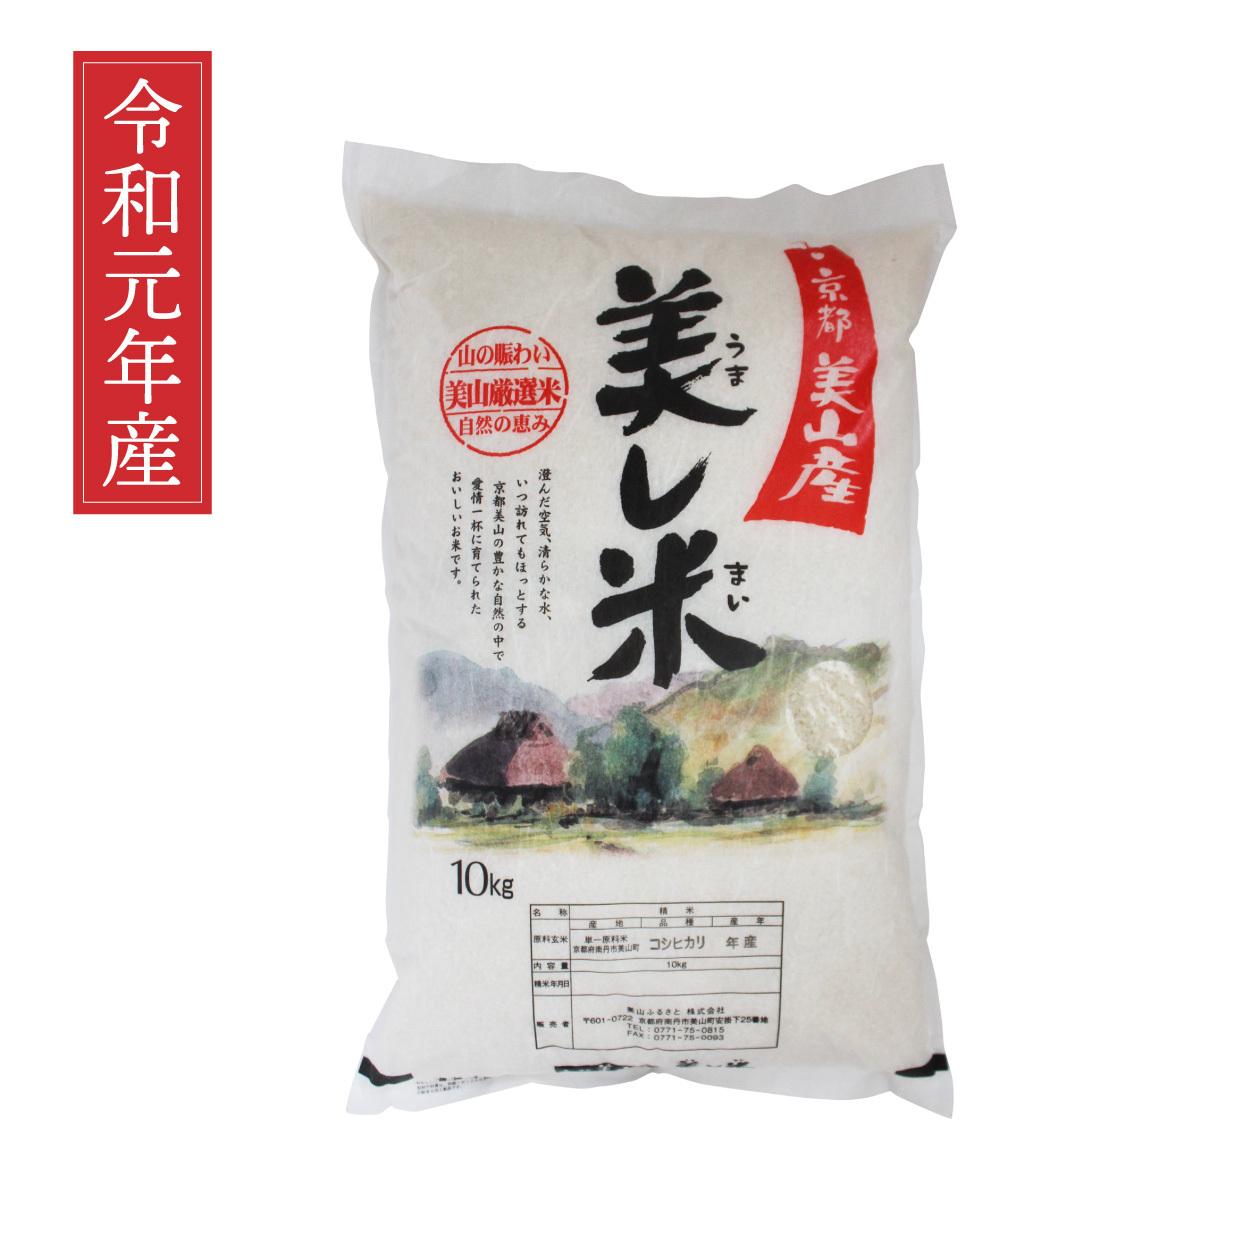 美し米 美山産コシヒカリ10 kg 精米